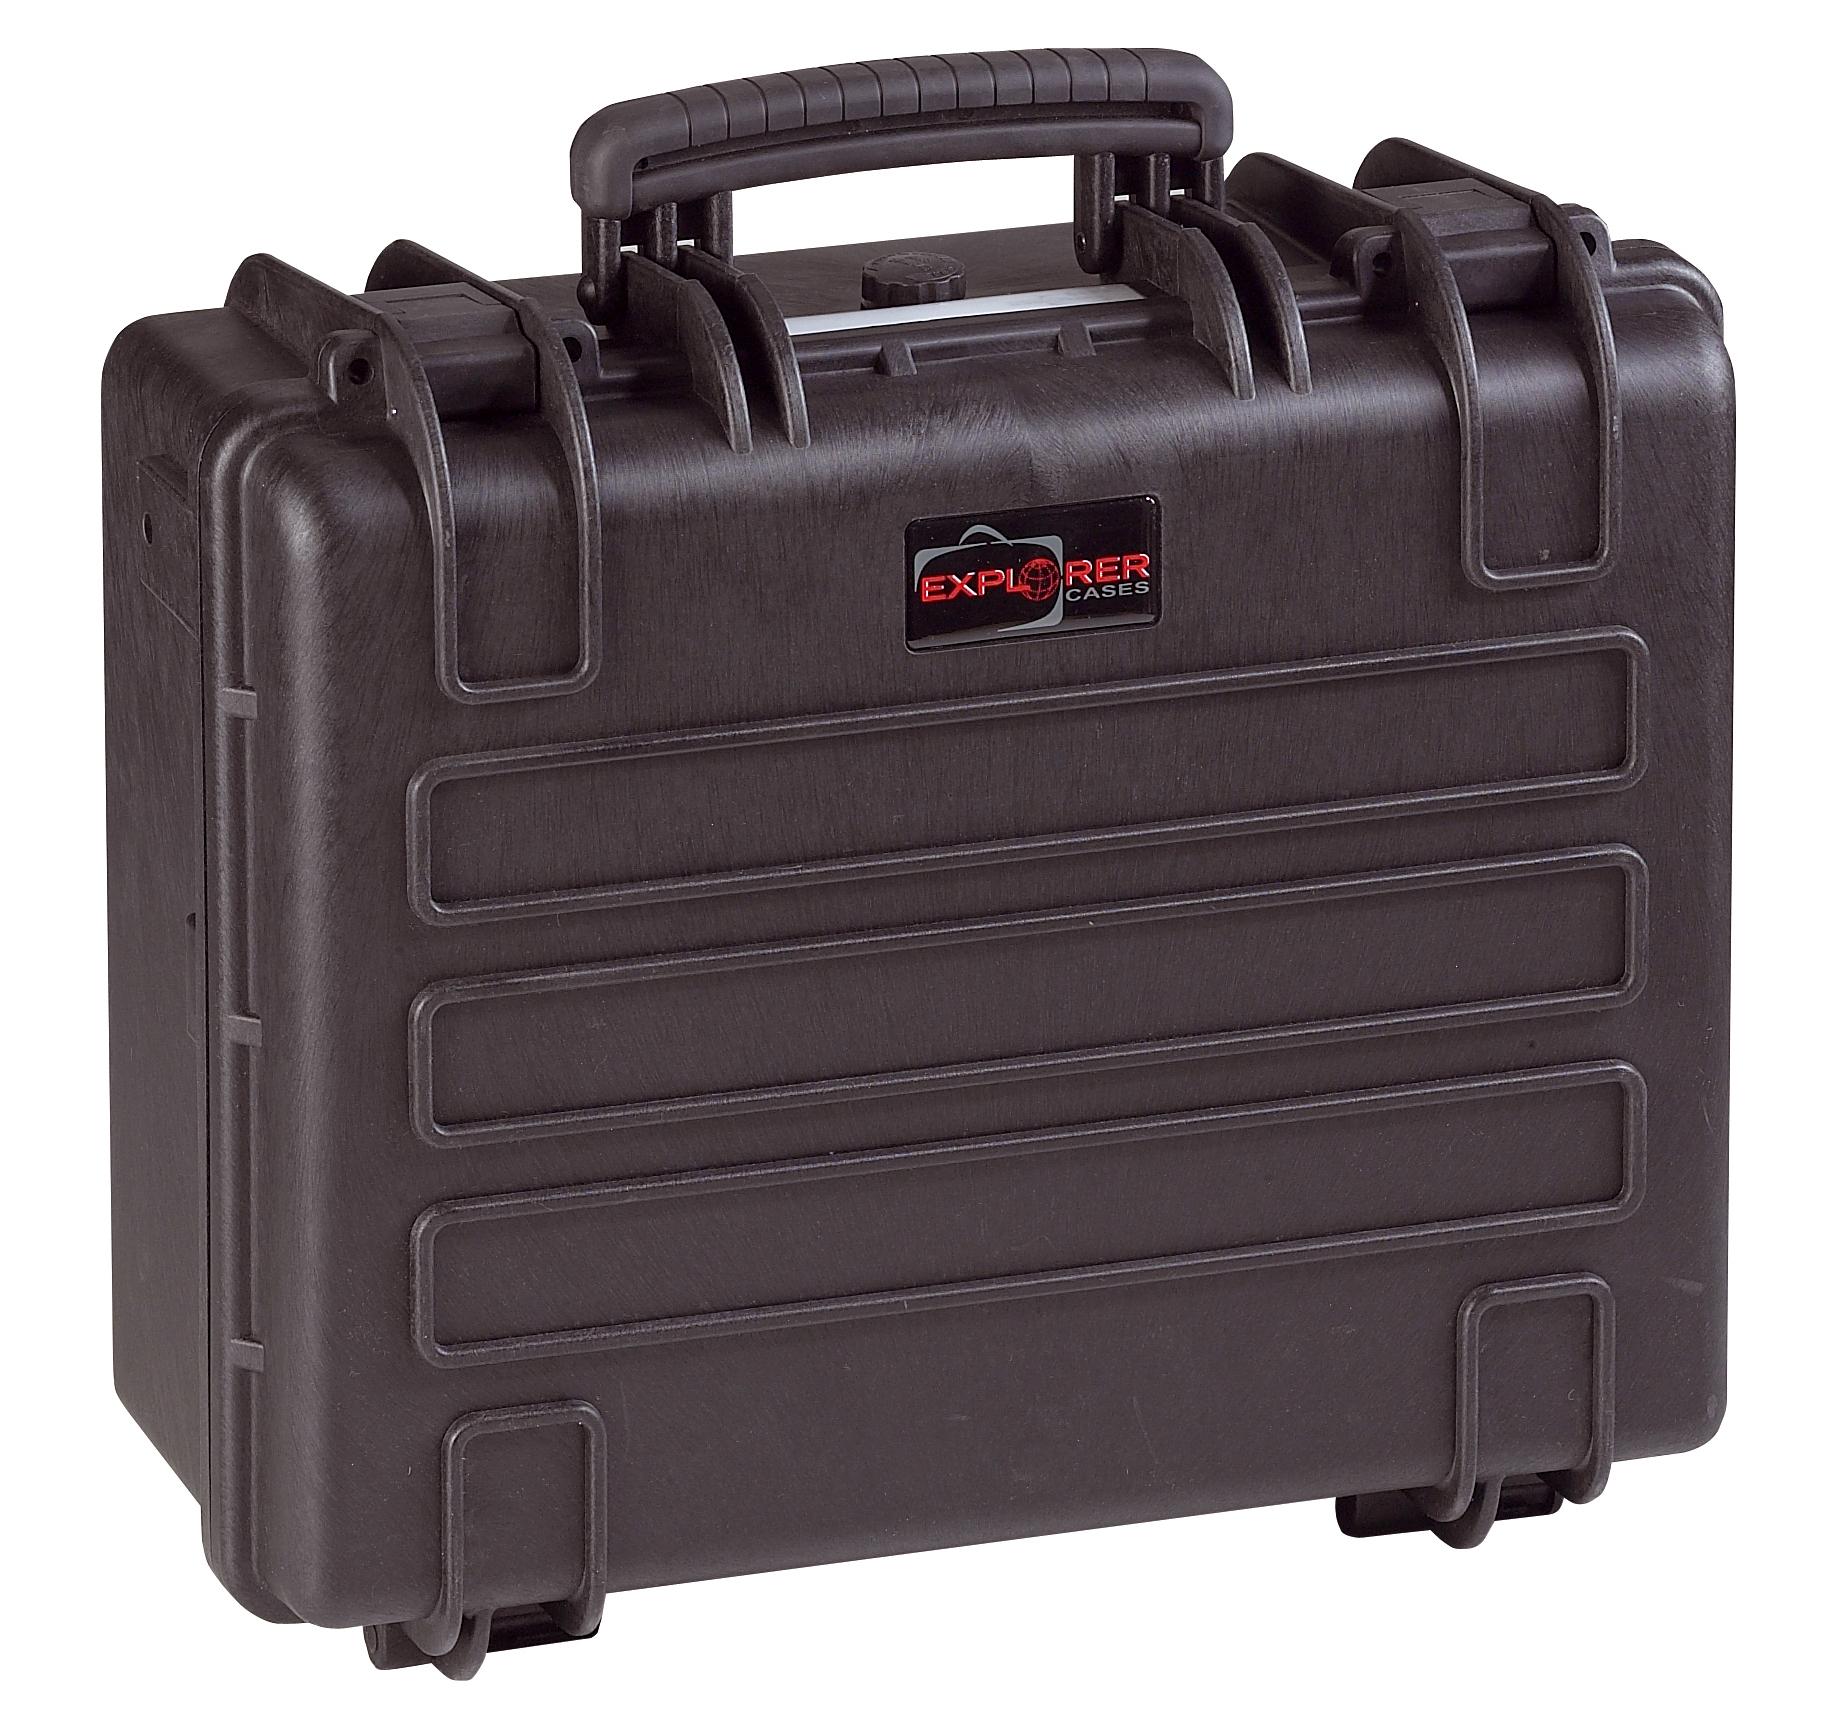 Explorer Koffer 4419 schwarz geschlossen